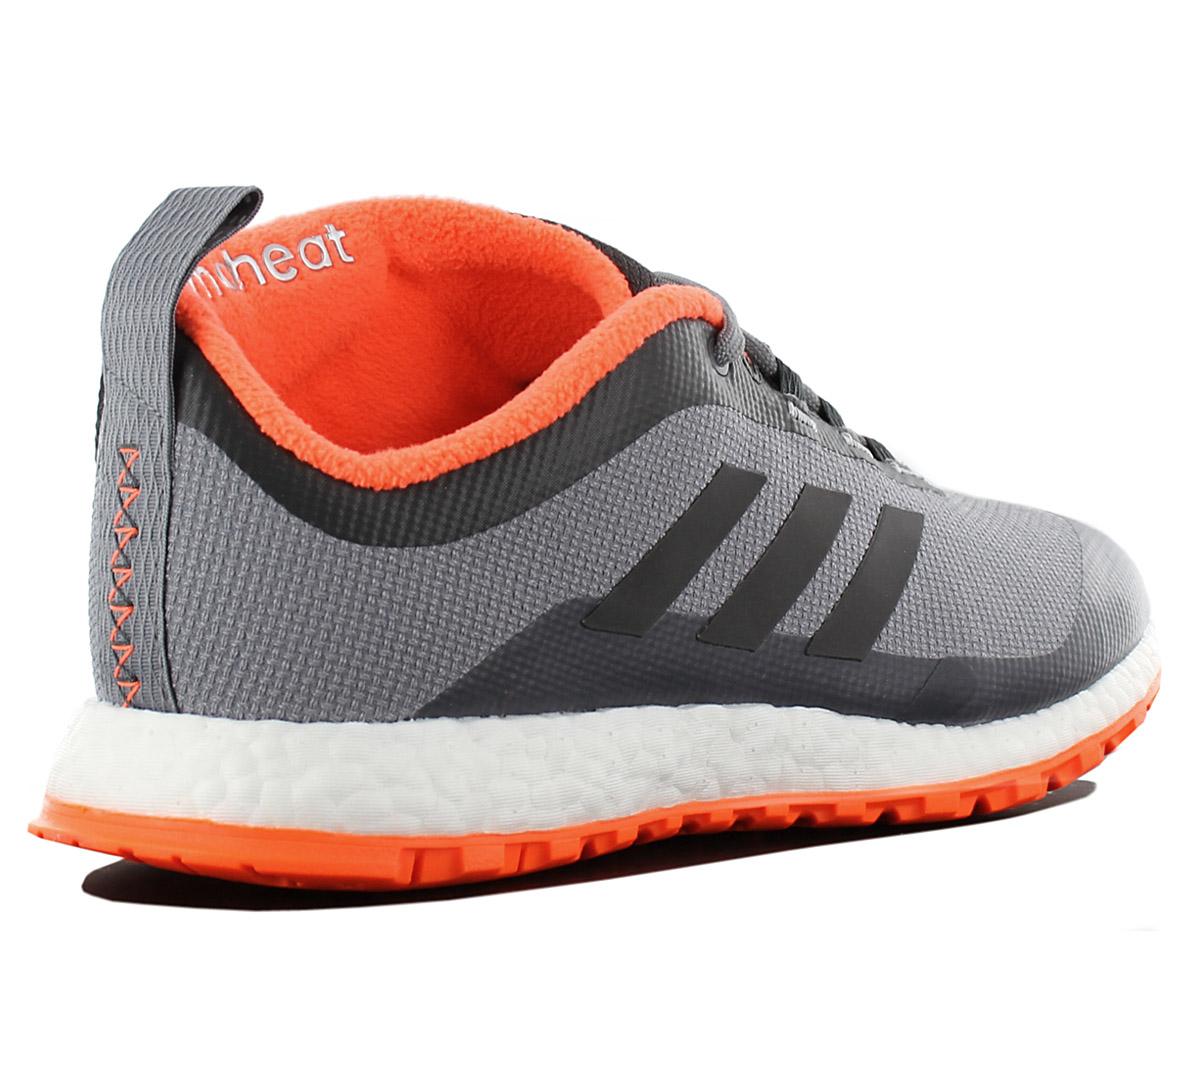 Adidas Herren Laufschuhe M Winter Boost Zu Schuh Rocket Ch Climaheat Running Aq6029 Details b6fgy7